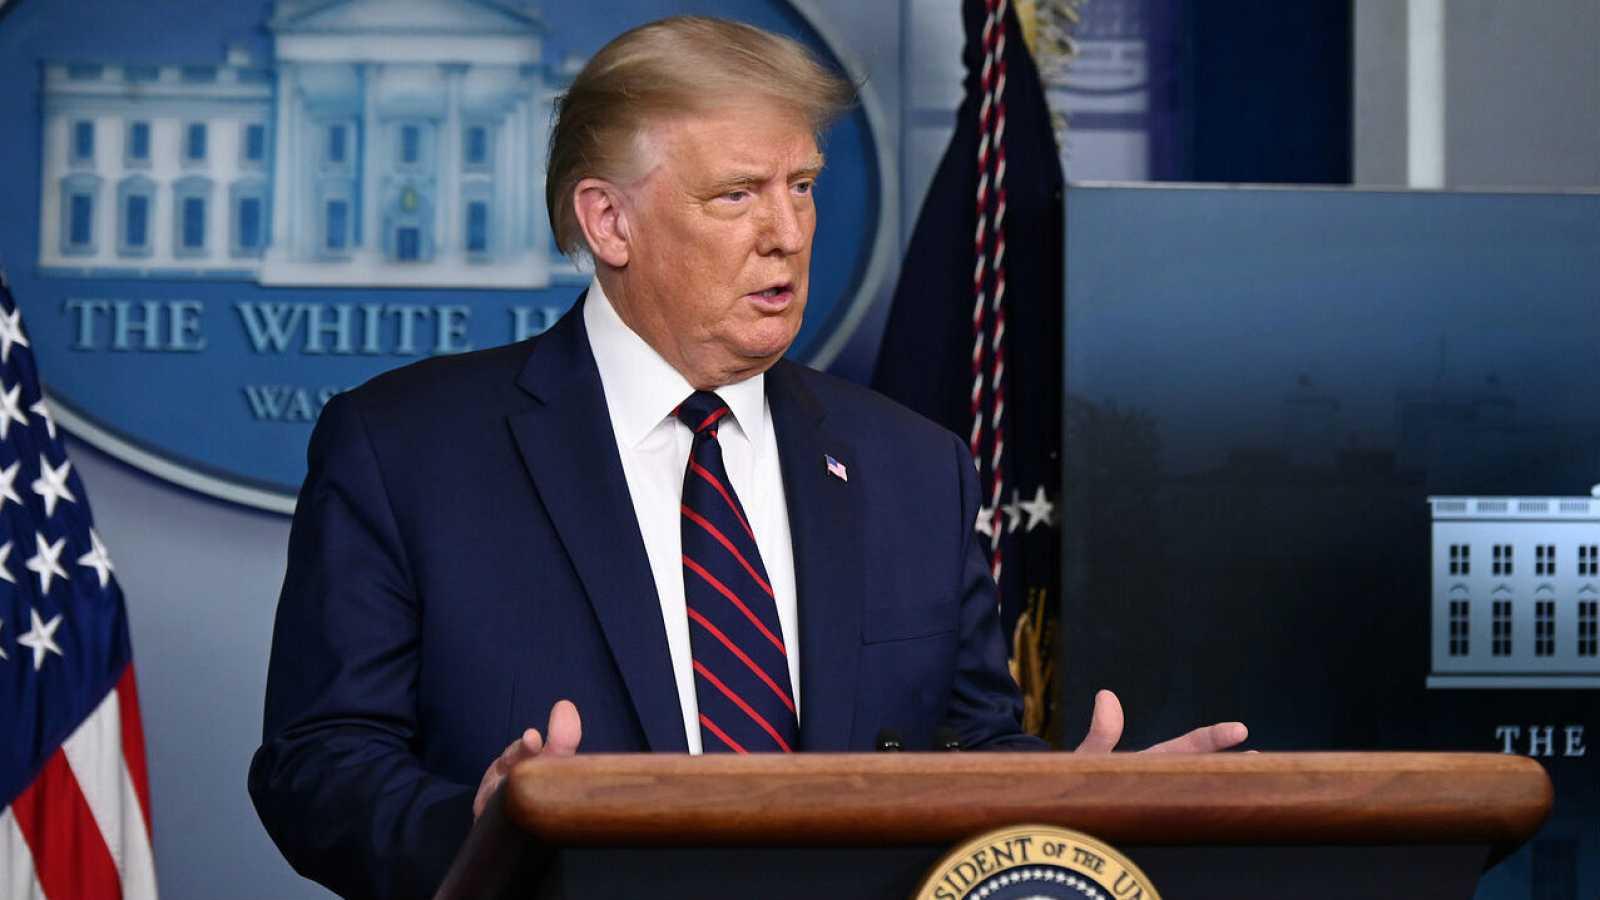 El presidente de los Estados Unidos, Donald Trump, ofrece una conferencia de prensa sobre los últimos desarrollos de la enfermedad por coronavirus (COVID-19), en la Sala de Prensa Brady de la Casa Blanca en Washington, Estados Unidos.